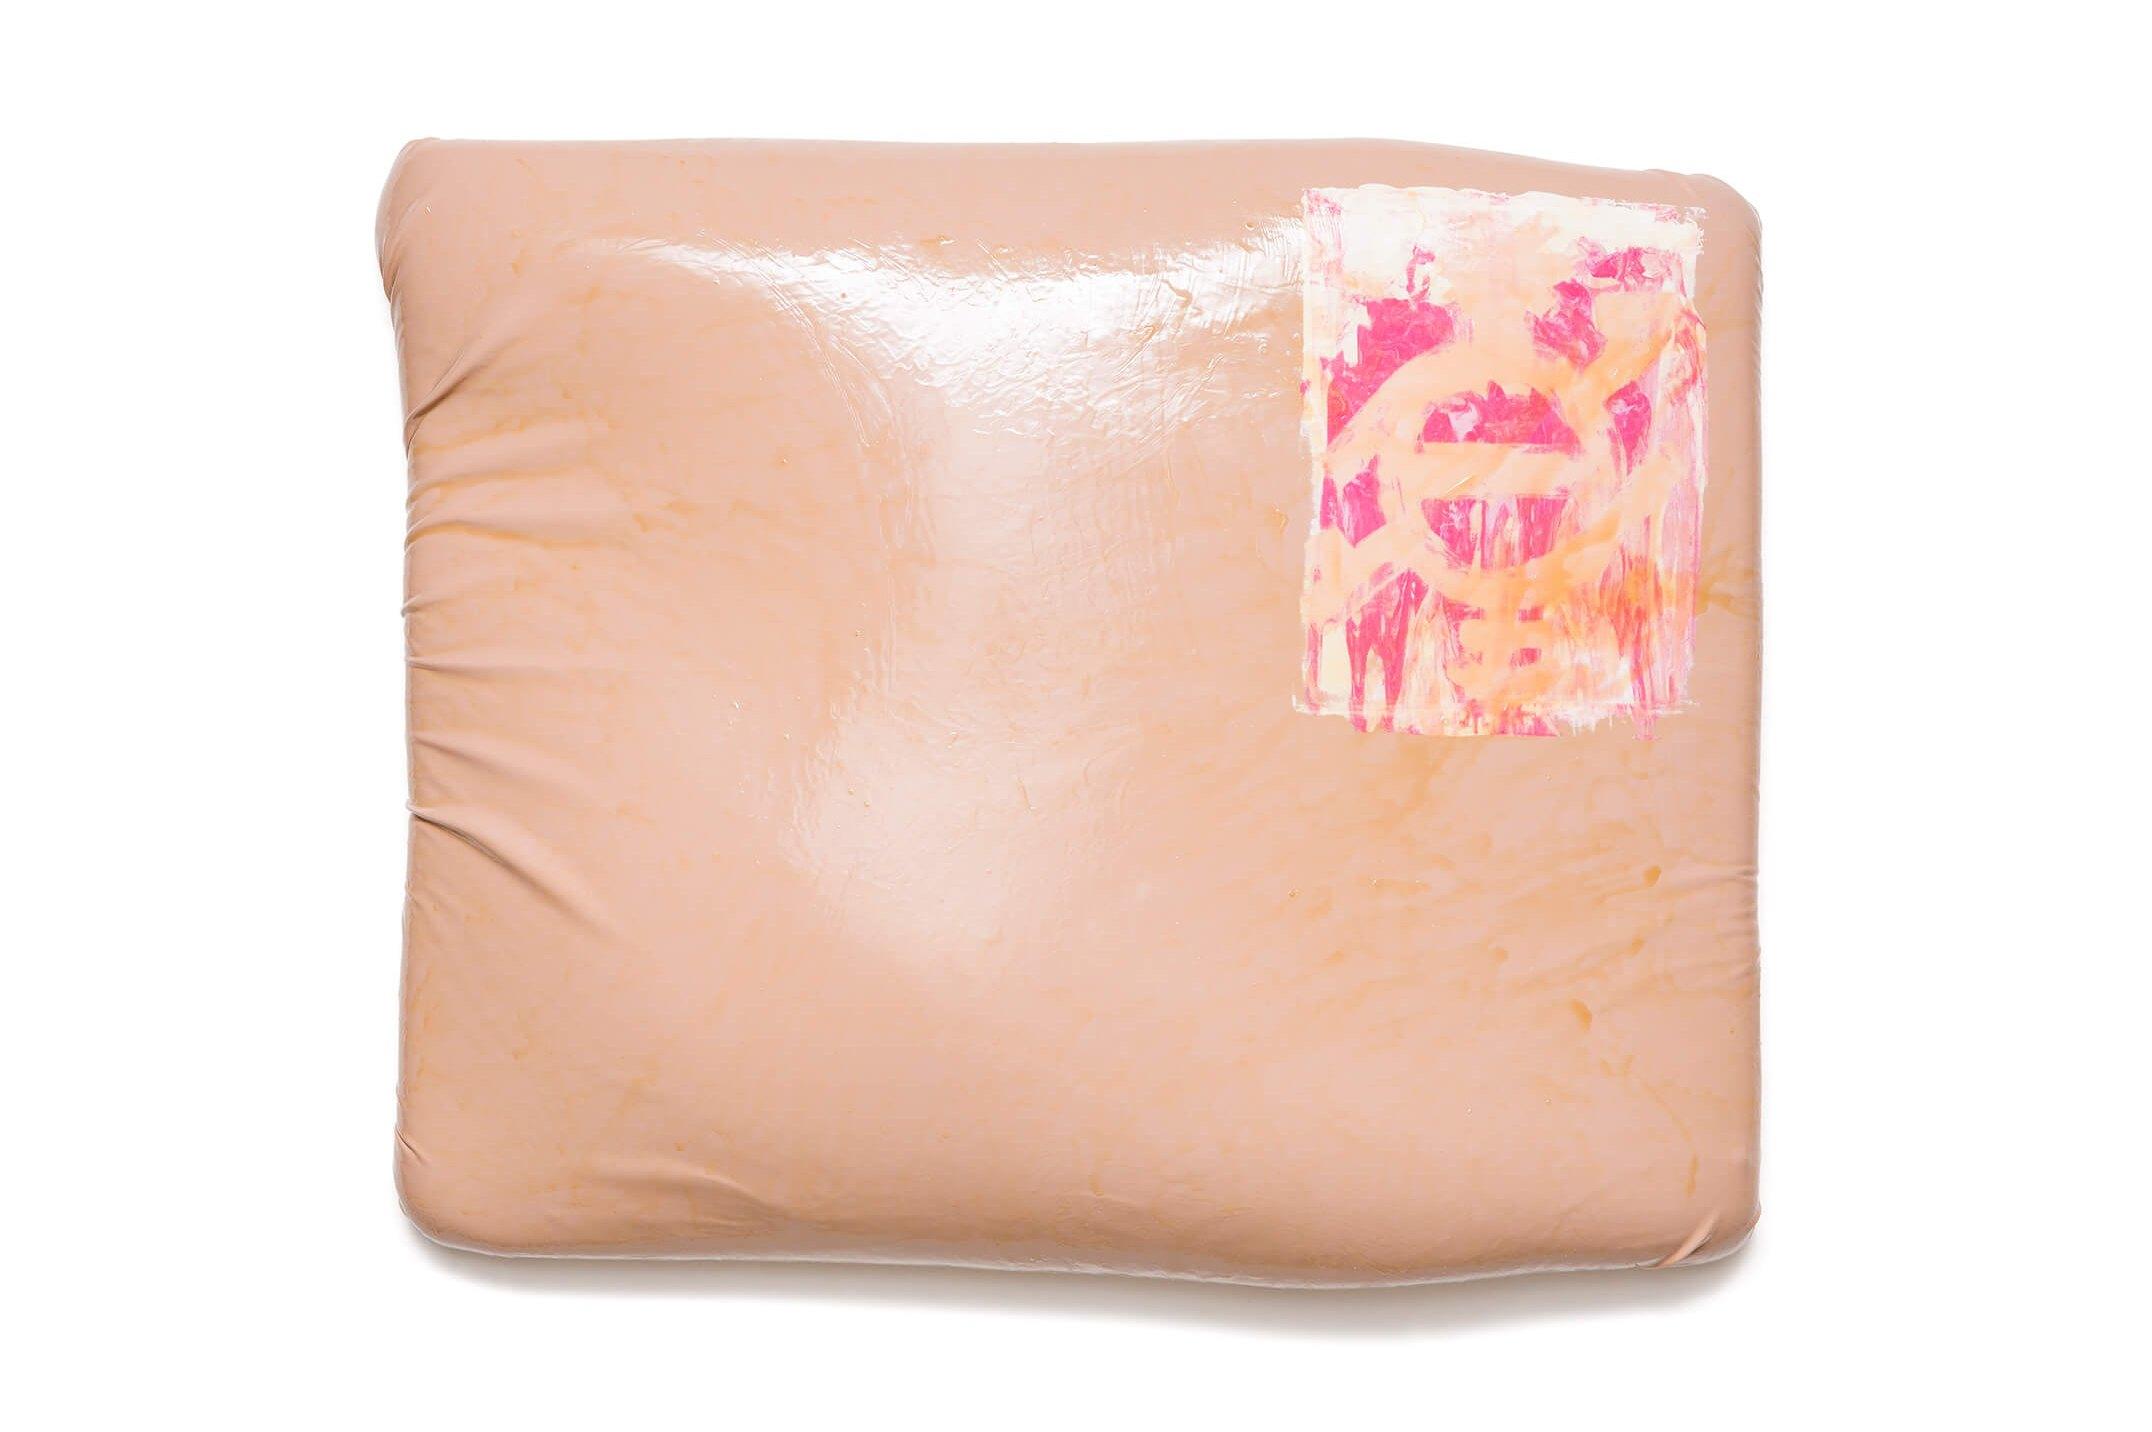 Cibelle Cavalli Bastos,&nbsp;<em>Camiseta de Pele</em>, 2016,&nbsp;clothes, stitching and latex,&nbsp;94 × 120 × 9 cm - Mendes Wood DM